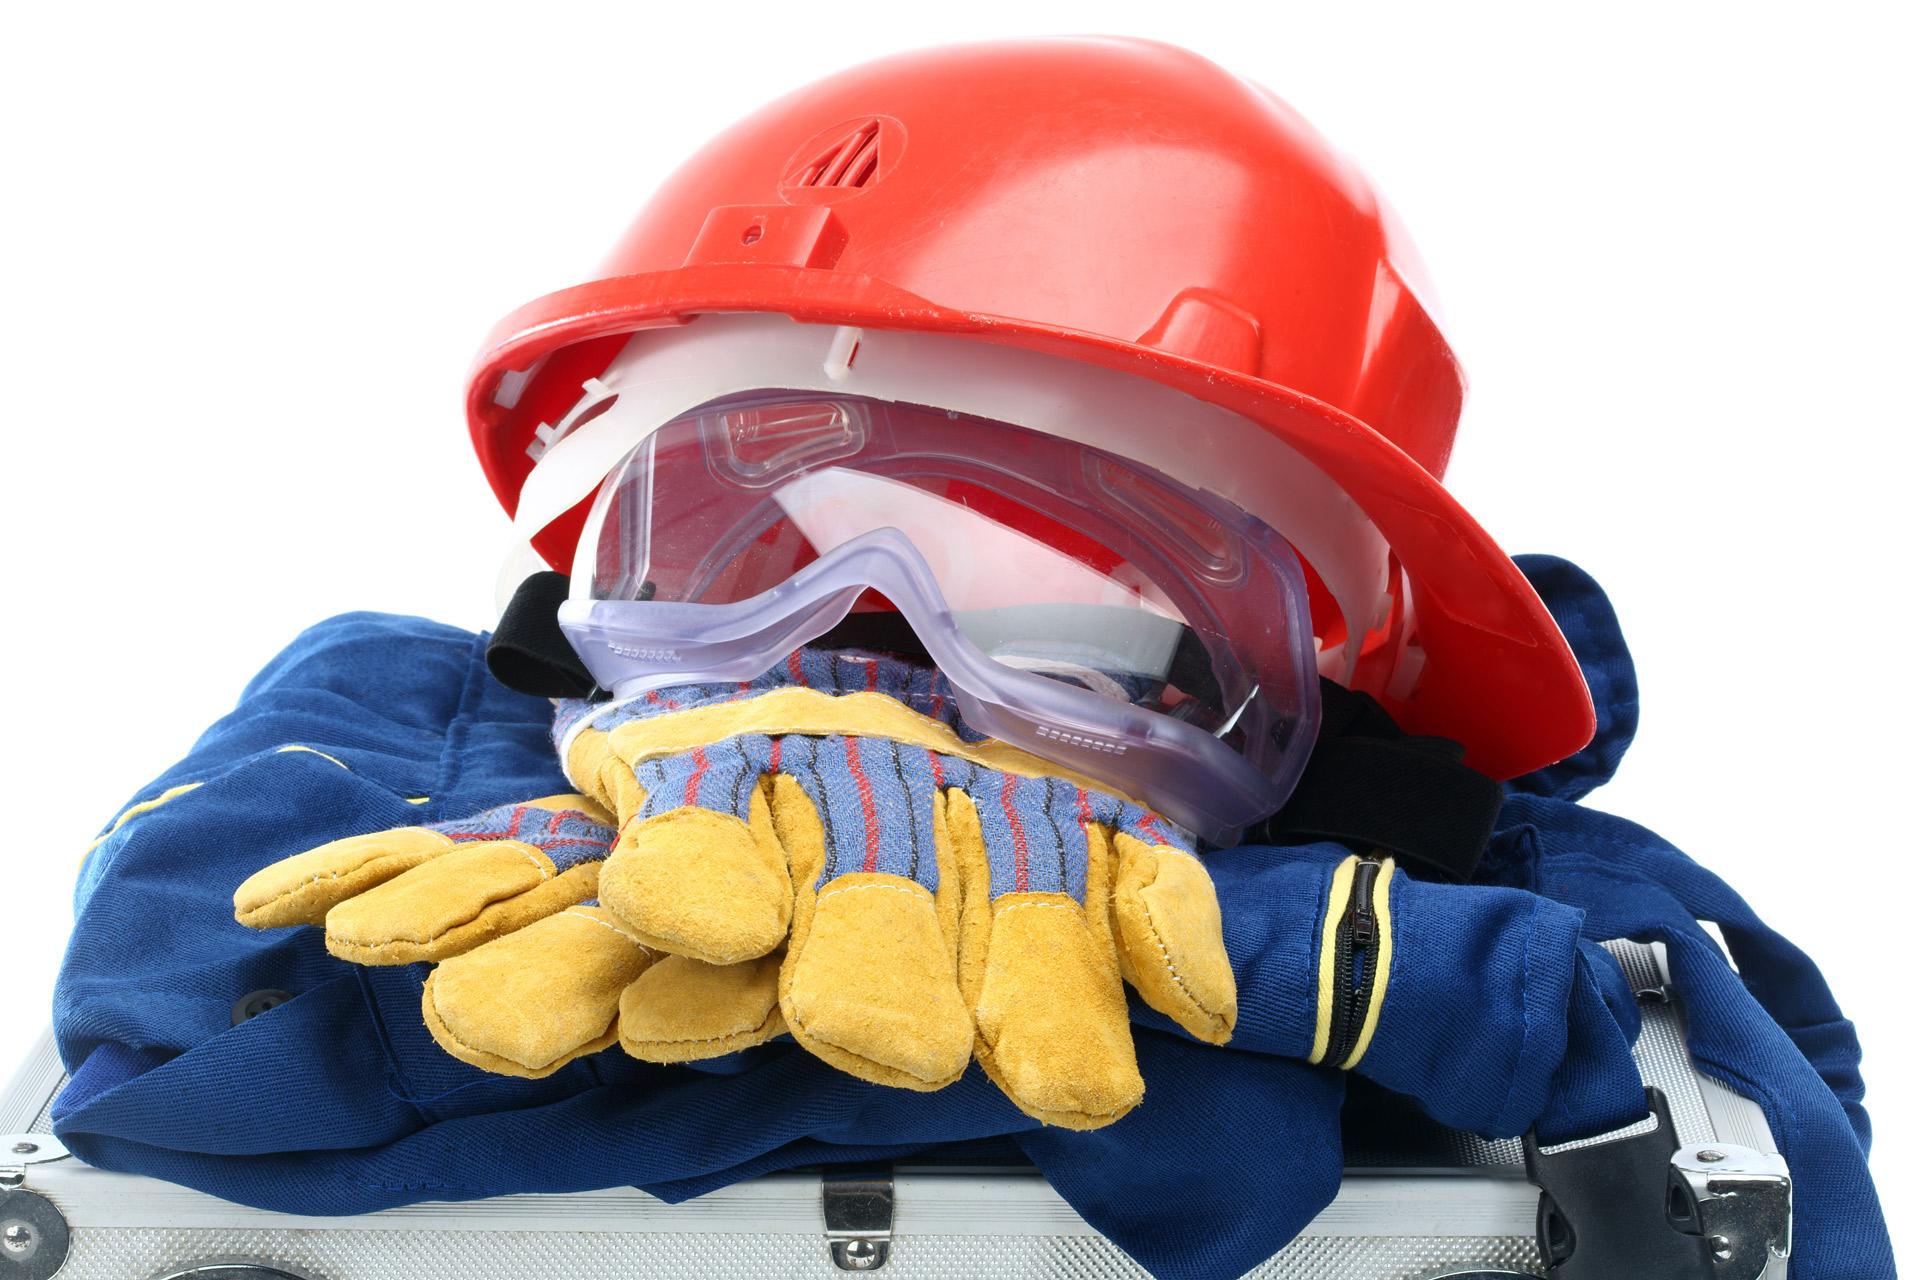 Norma ISO 45001 najnowszy globalny standard zarządzania bezpieczeństwem pracownika i higieną pracy - Zdjęcie główne